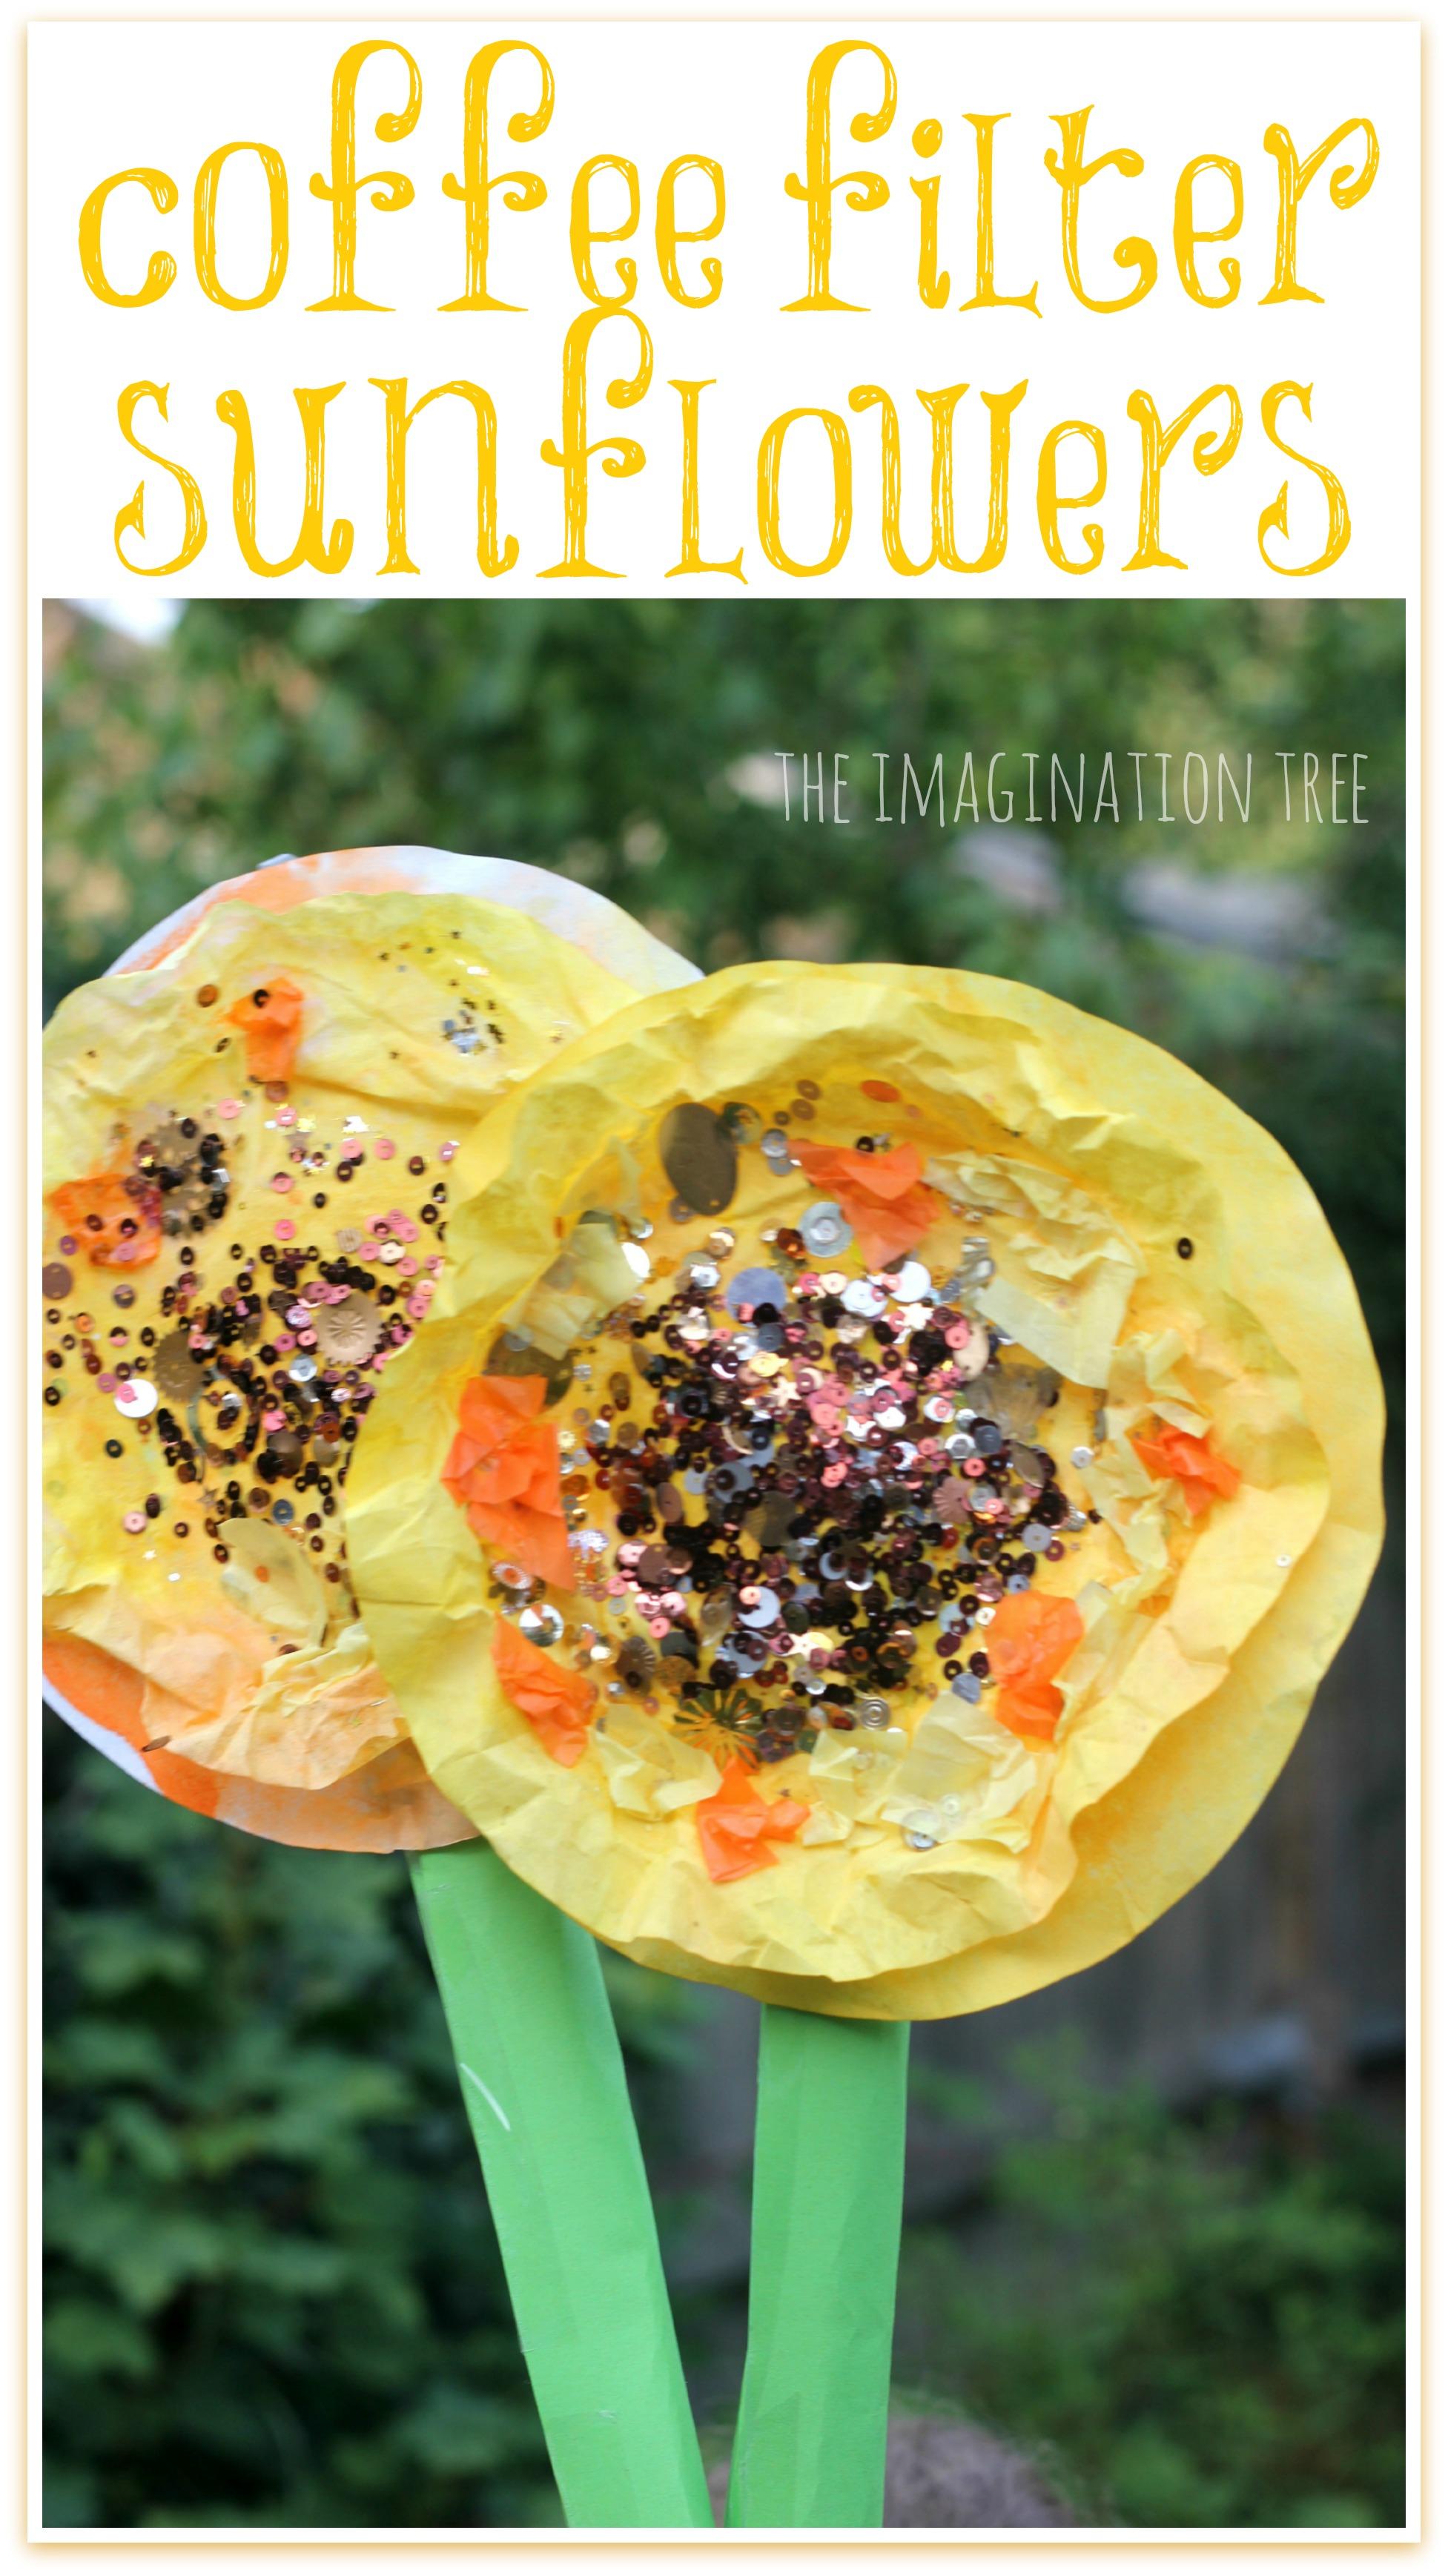 Coffee Filter Sunflower Art